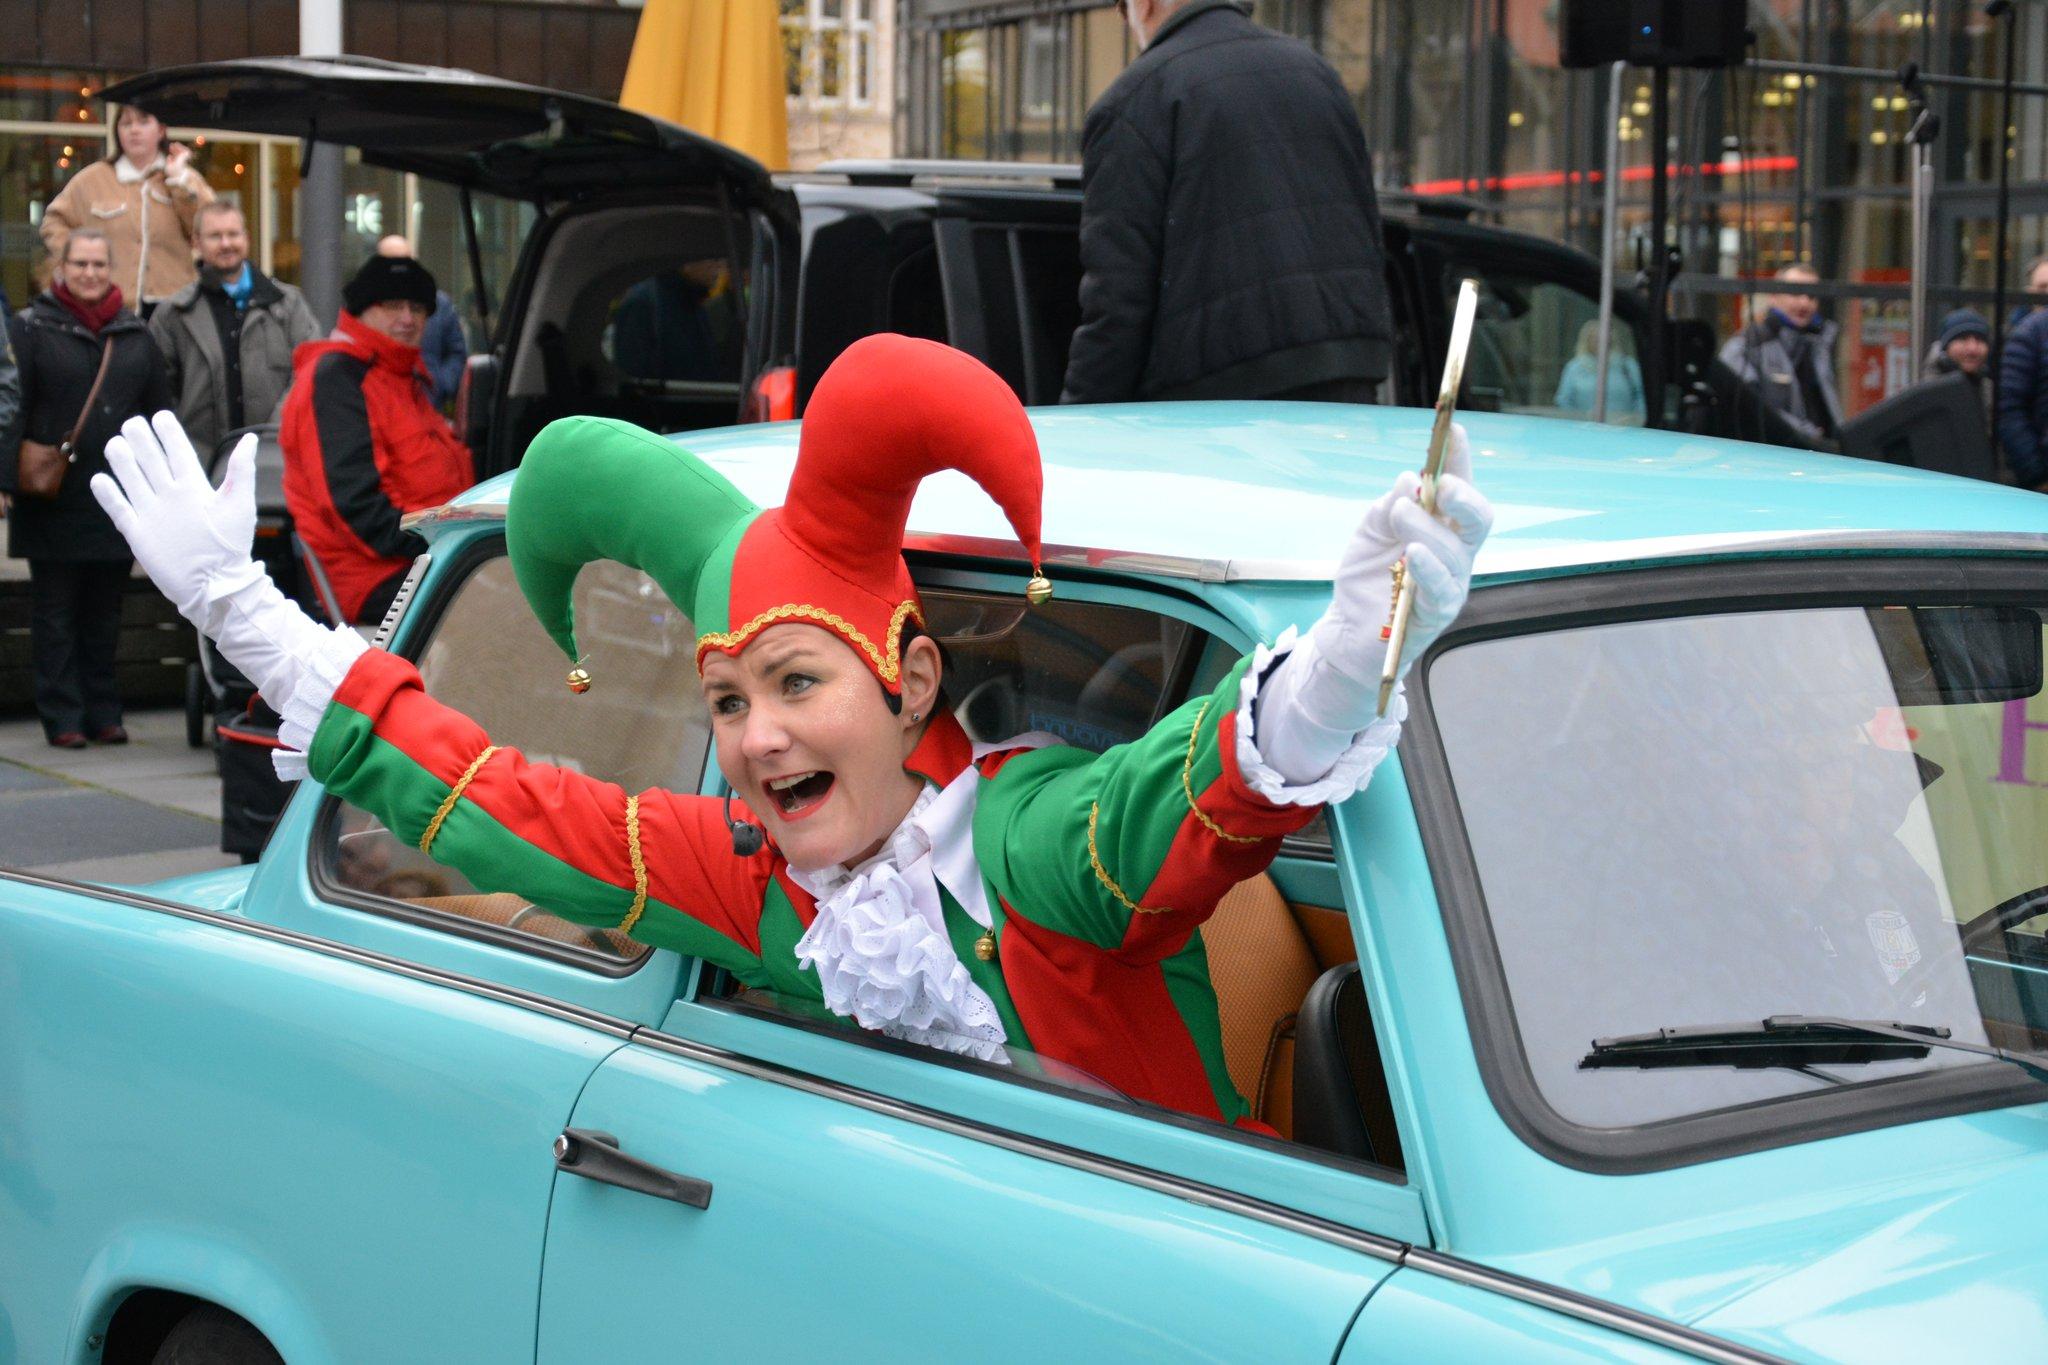 Karnevalsauftakt in Hilden nach Maß: 11.11. um 11.11 Uhr: Hoppedine ist erwacht - Hilden - Lokalkompass.de